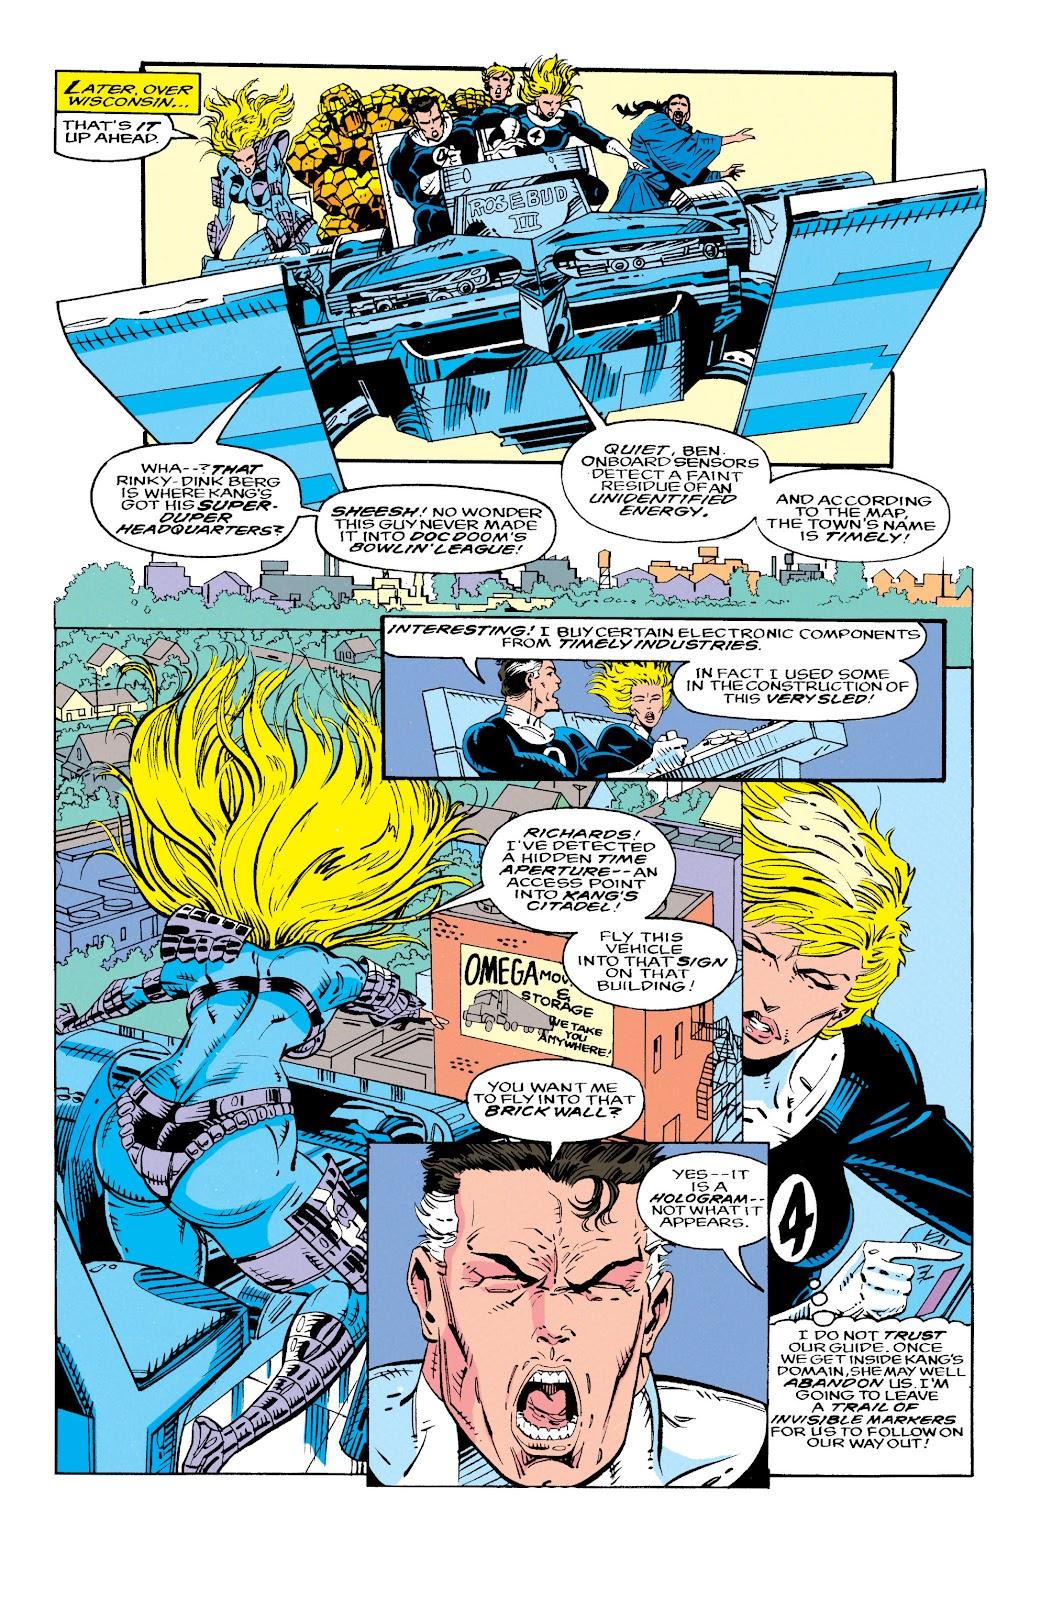 Read online Avengers: Citizen Kang comic -  Issue # TPB (Part 2) - 25